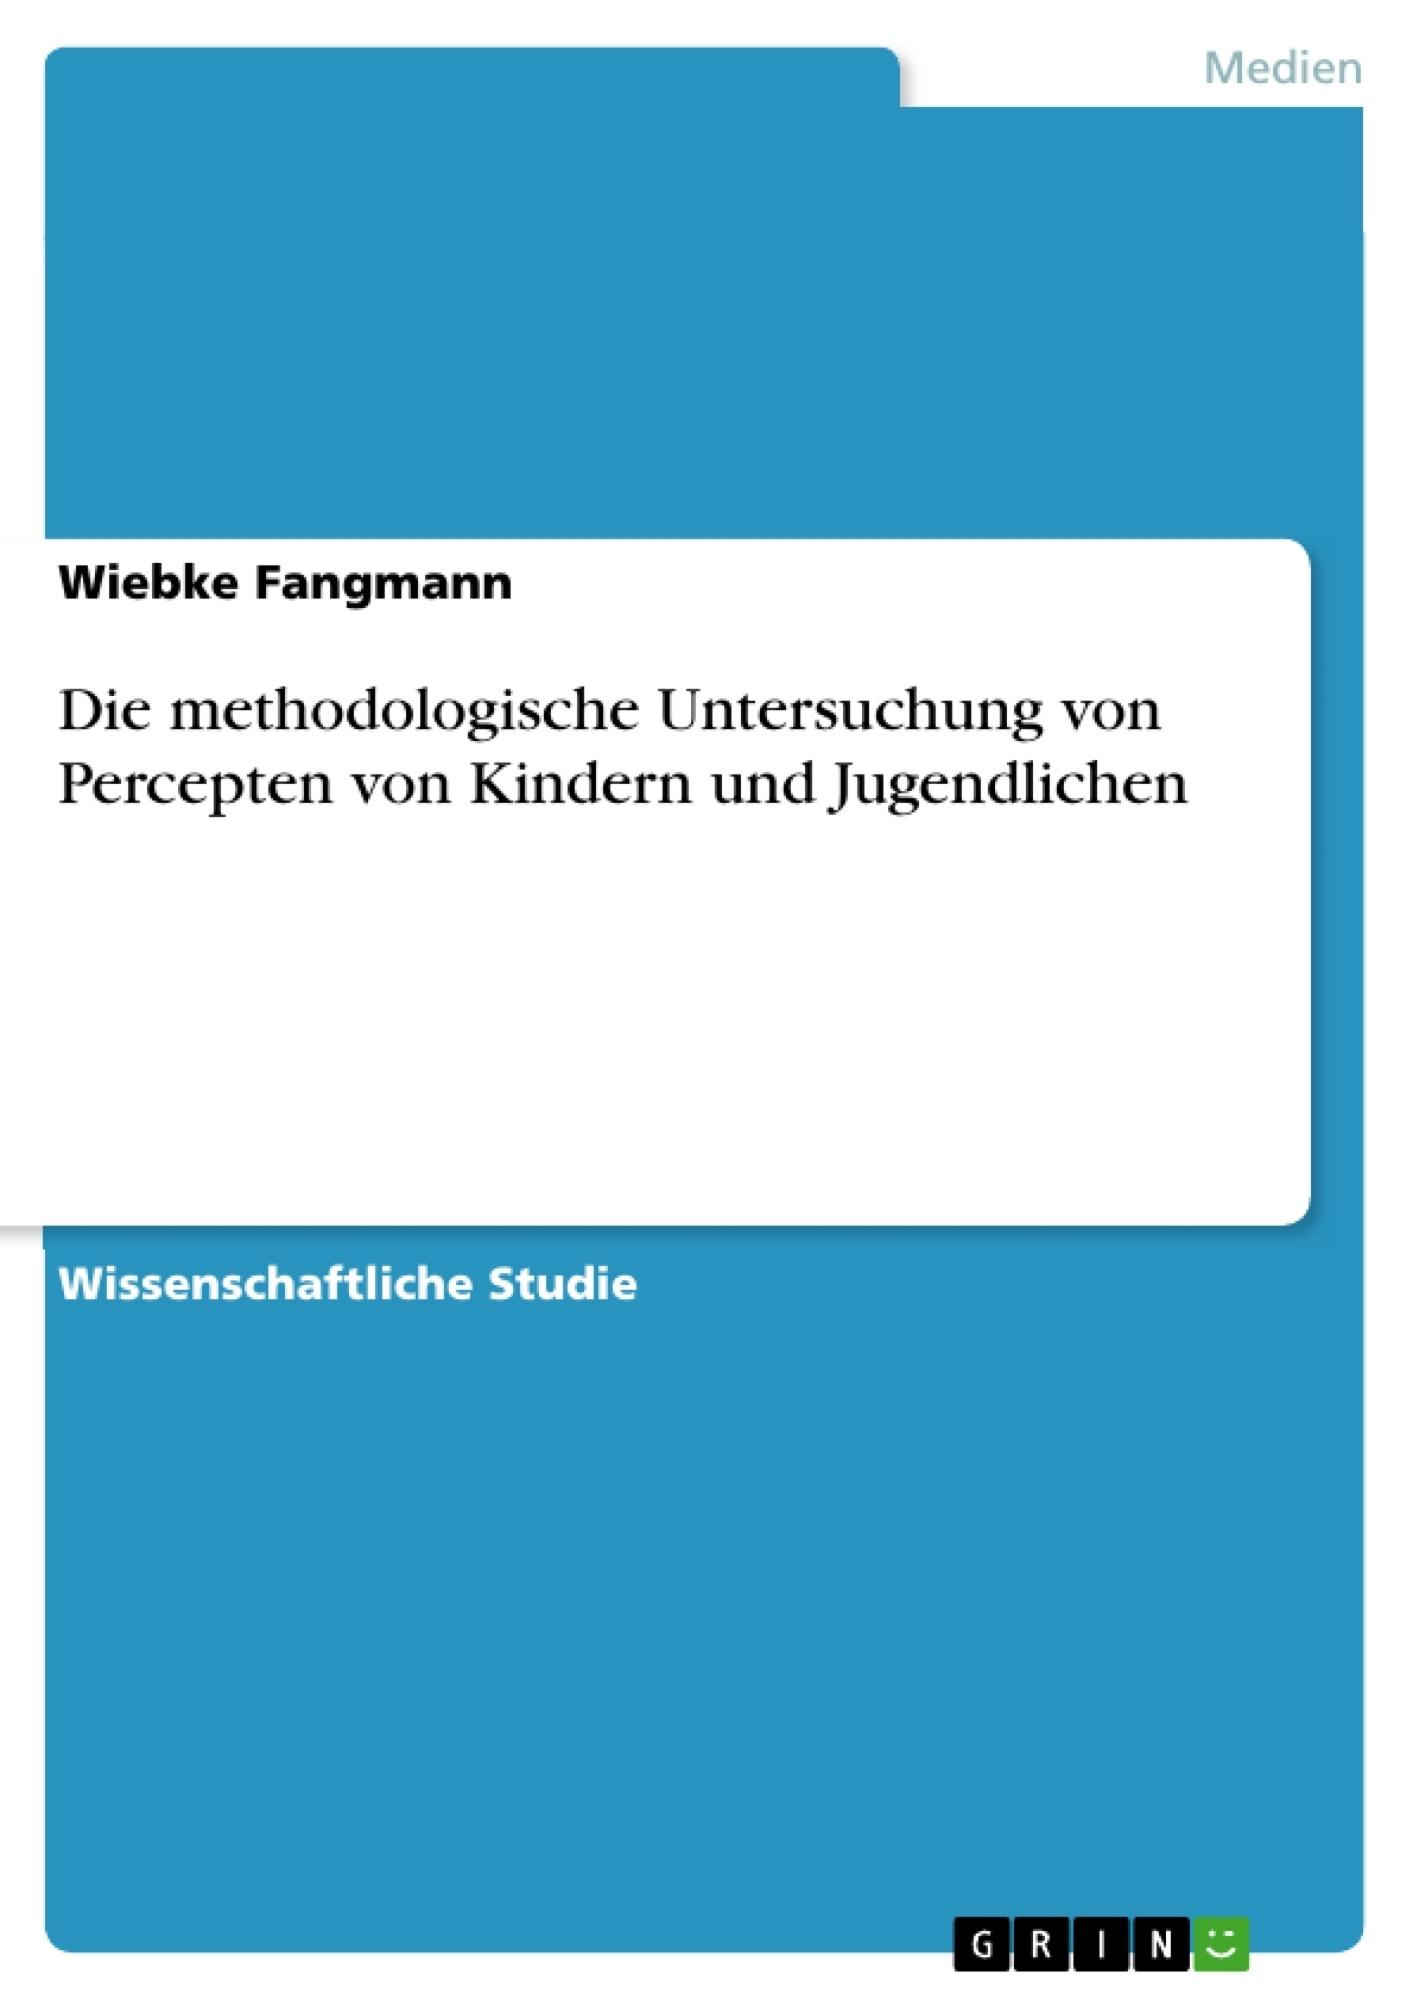 Titel: Die methodologische Untersuchung von Percepten von Kindern und Jugendlichen